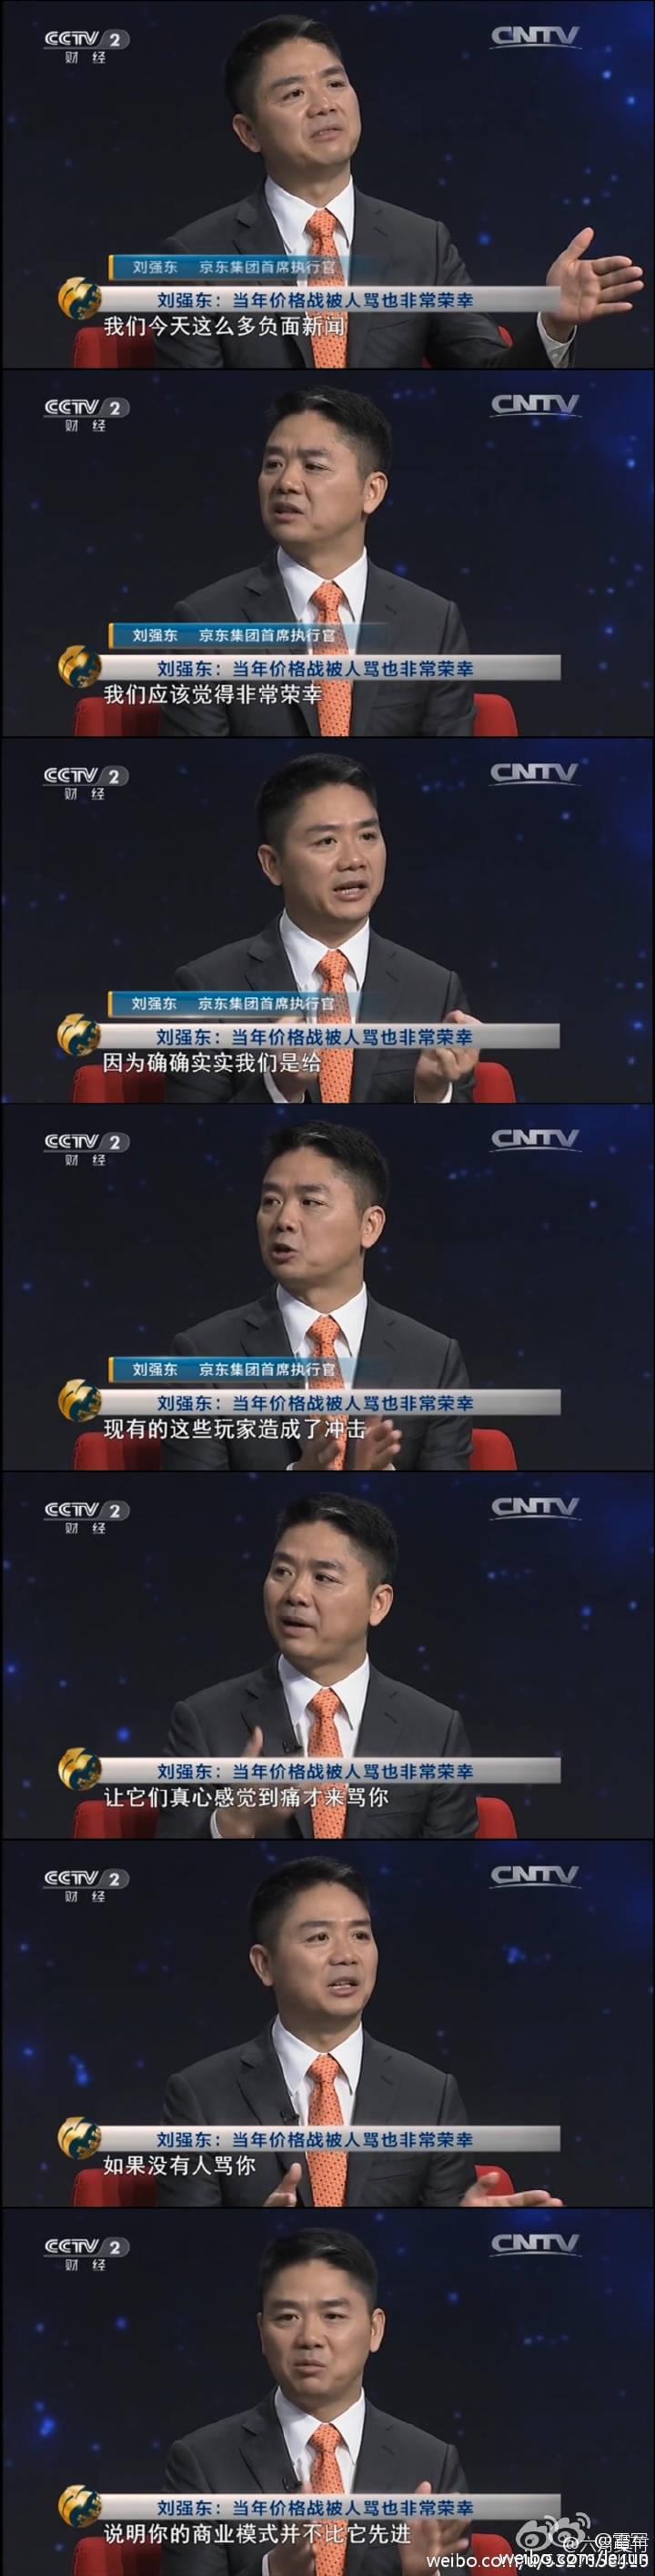 """刘强东雷军隔空""""惺惺相惜"""":平庸公司才不会被骂的照片 - 2"""